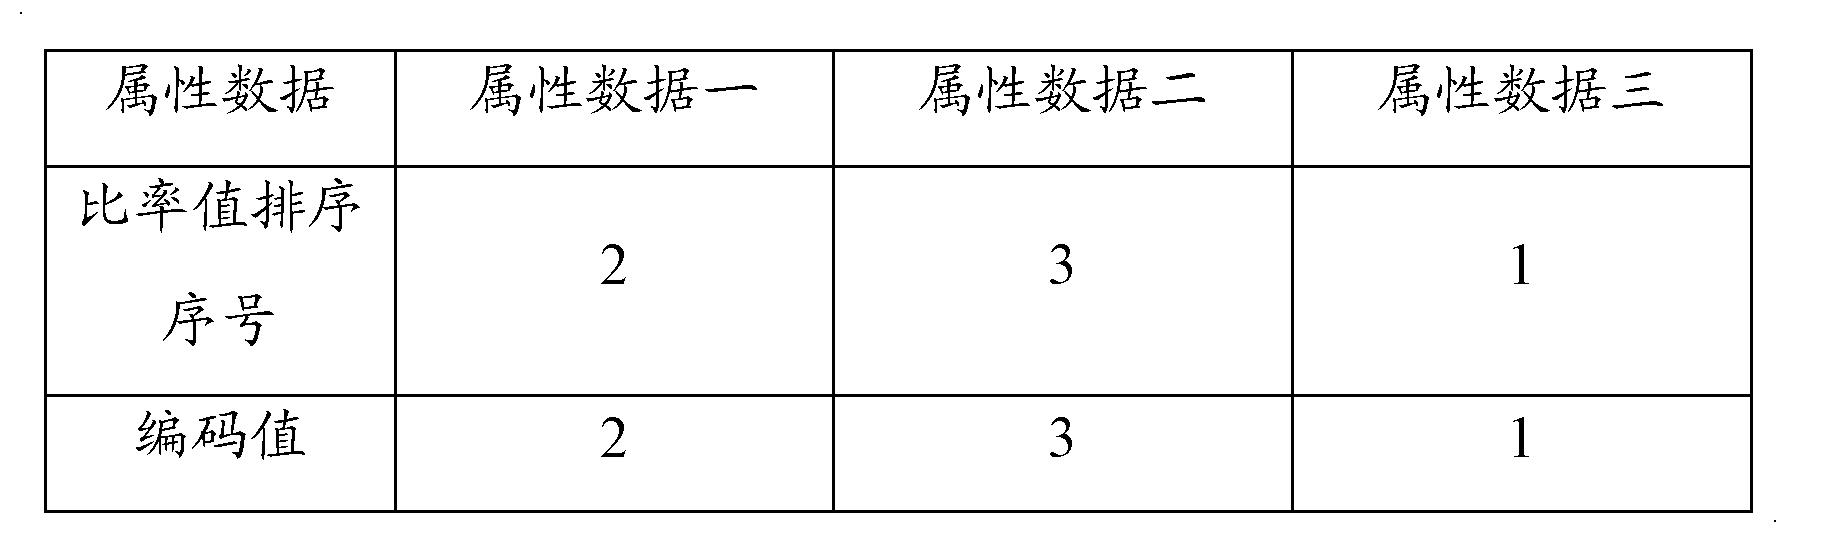 Figure CN103136247BD00101